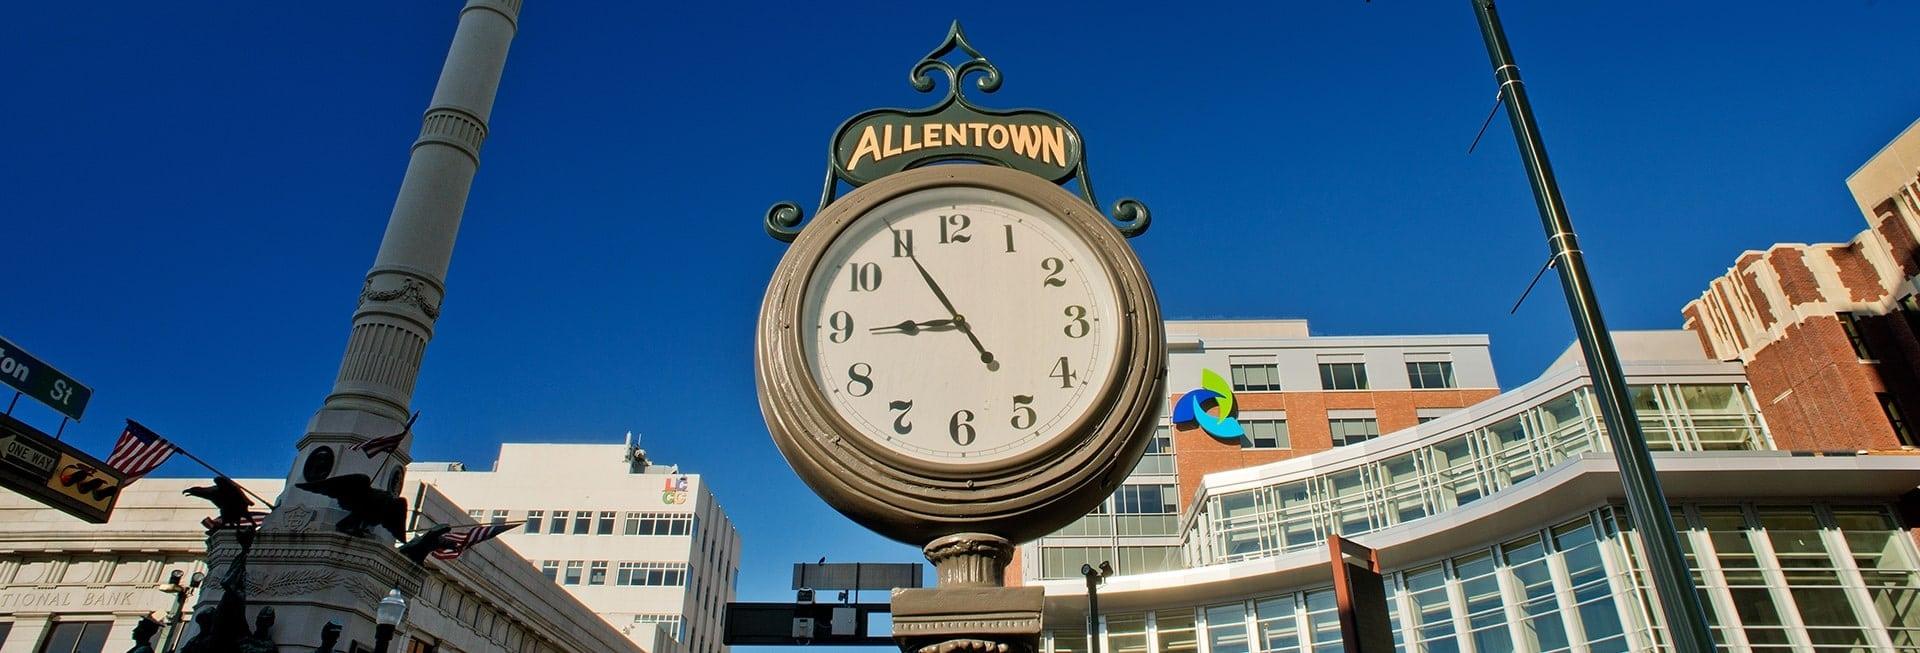 Allentown 1